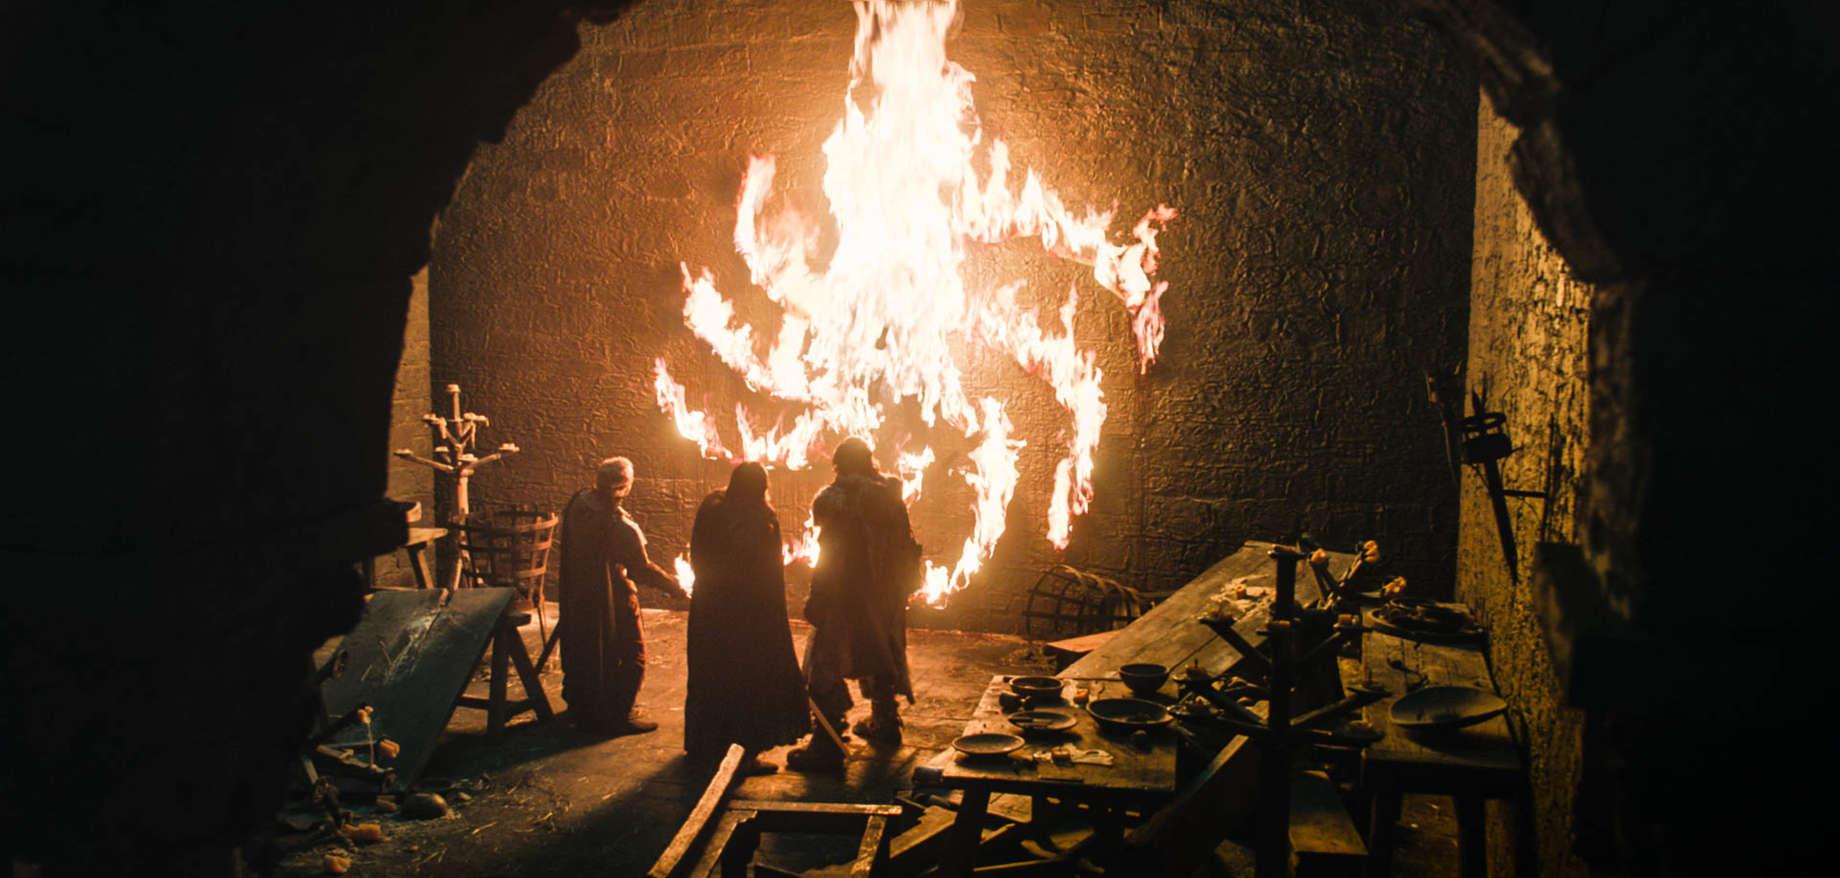 Game of Thrones: los cinco momentos más reveladores (8x01) de la serie de HBO